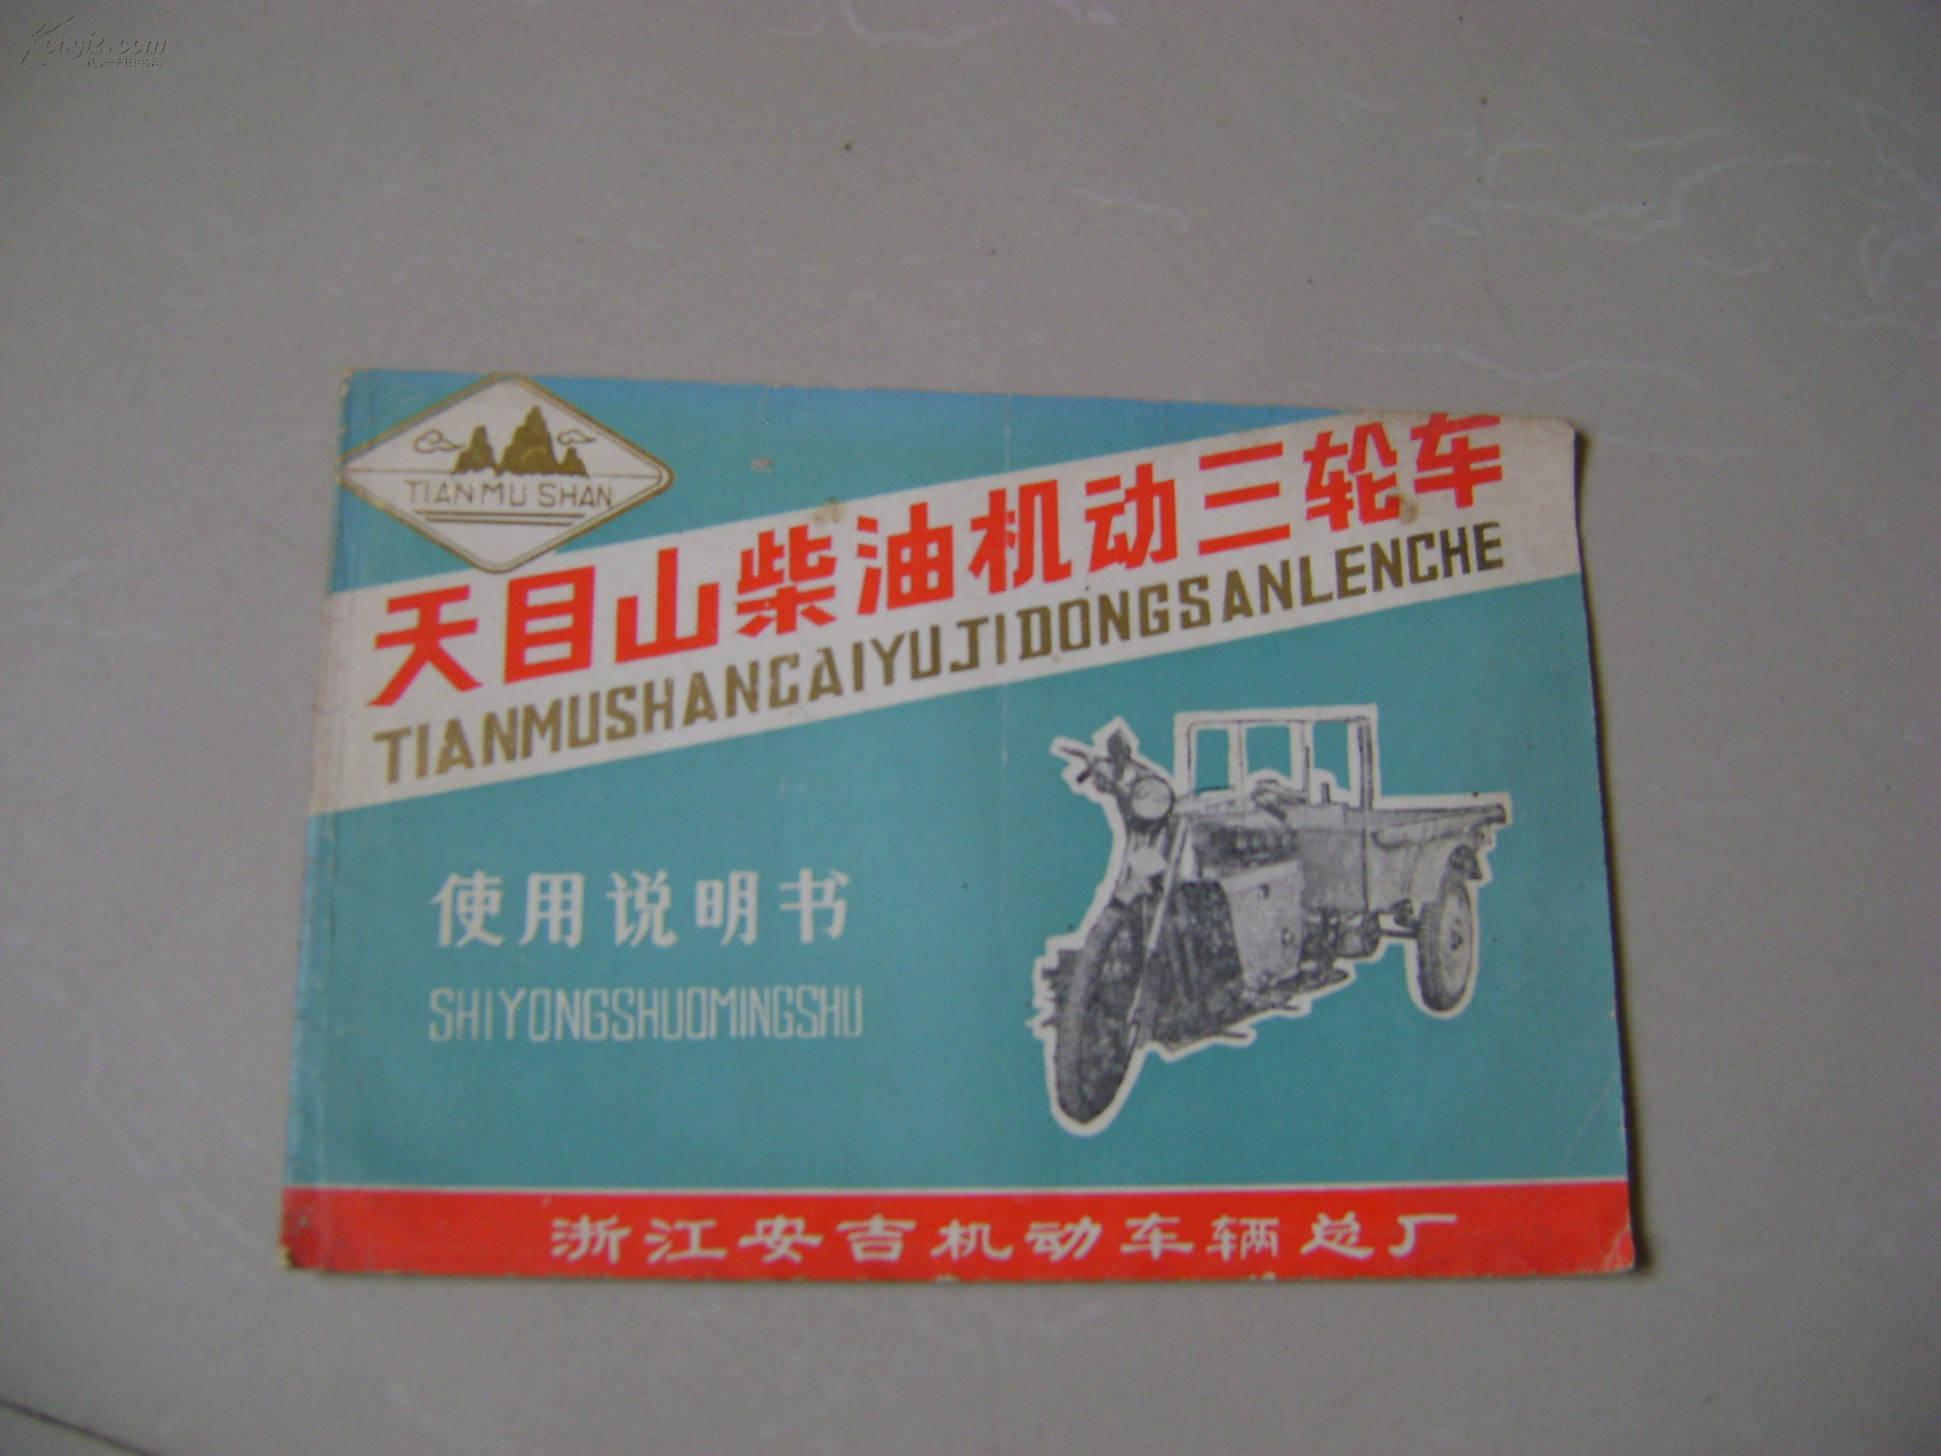 天目山柴油机动三轮车使用说明书